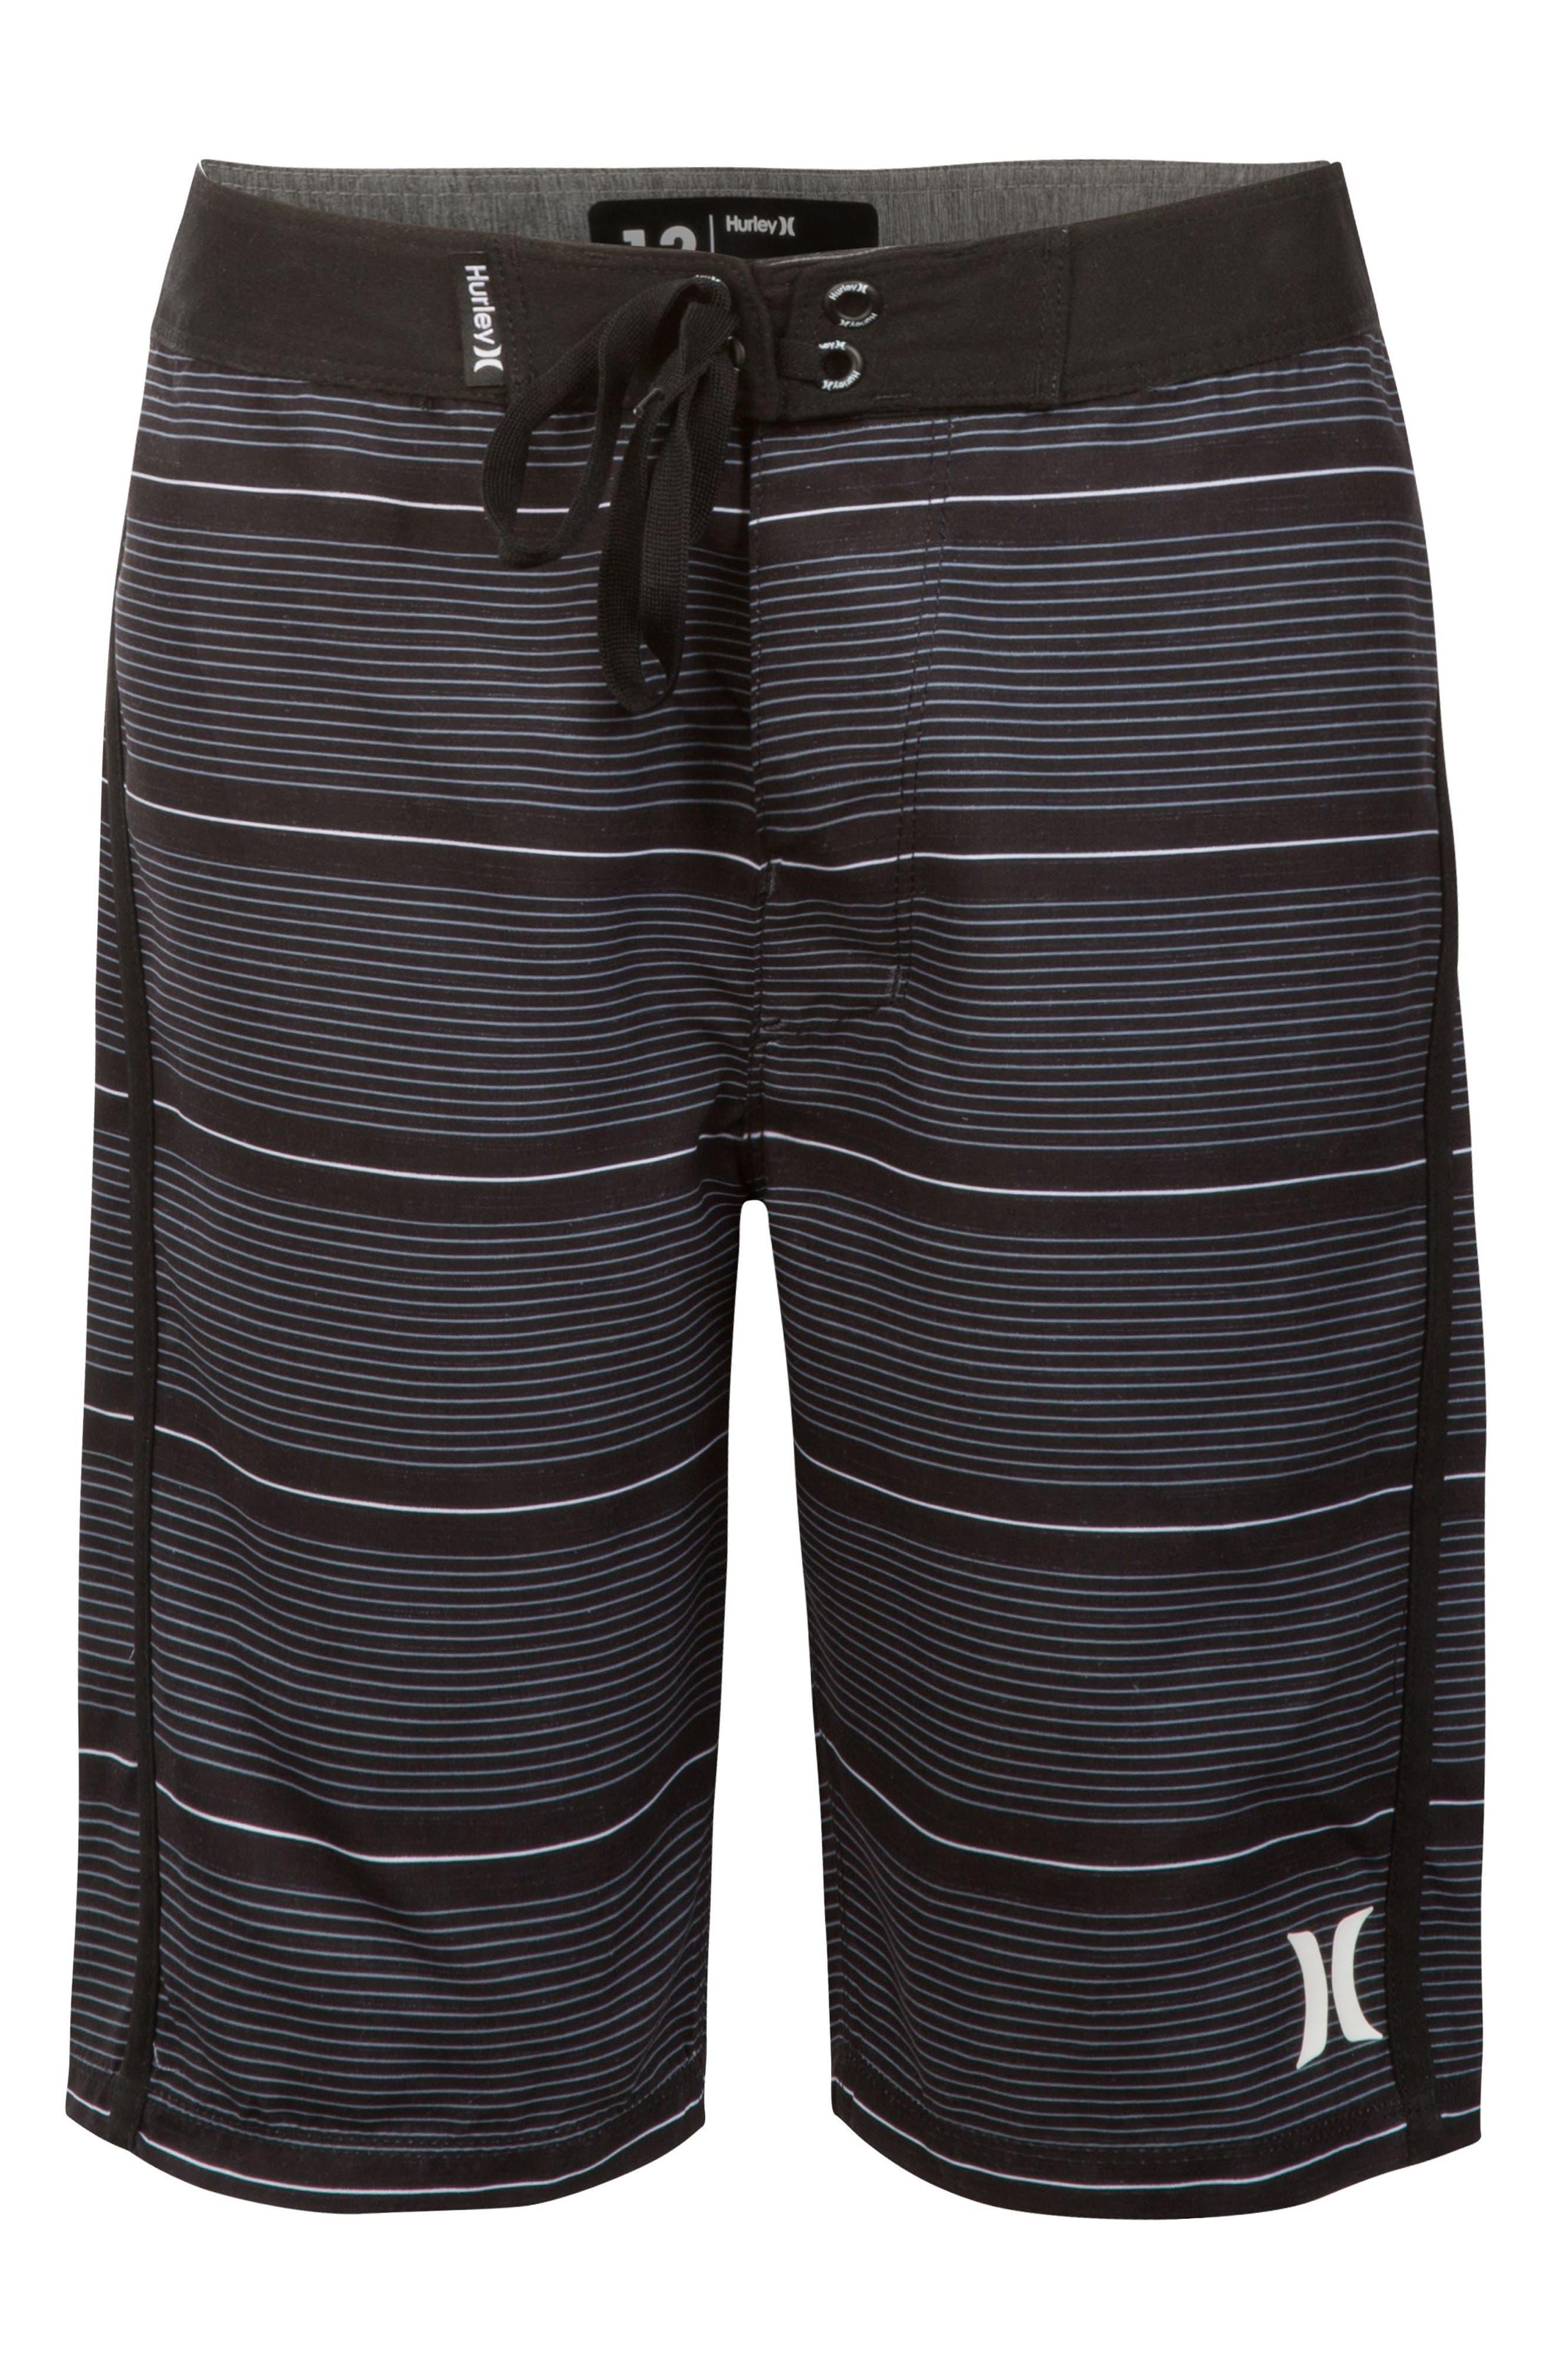 Shoreline Board Shorts,                         Main,                         color, 001